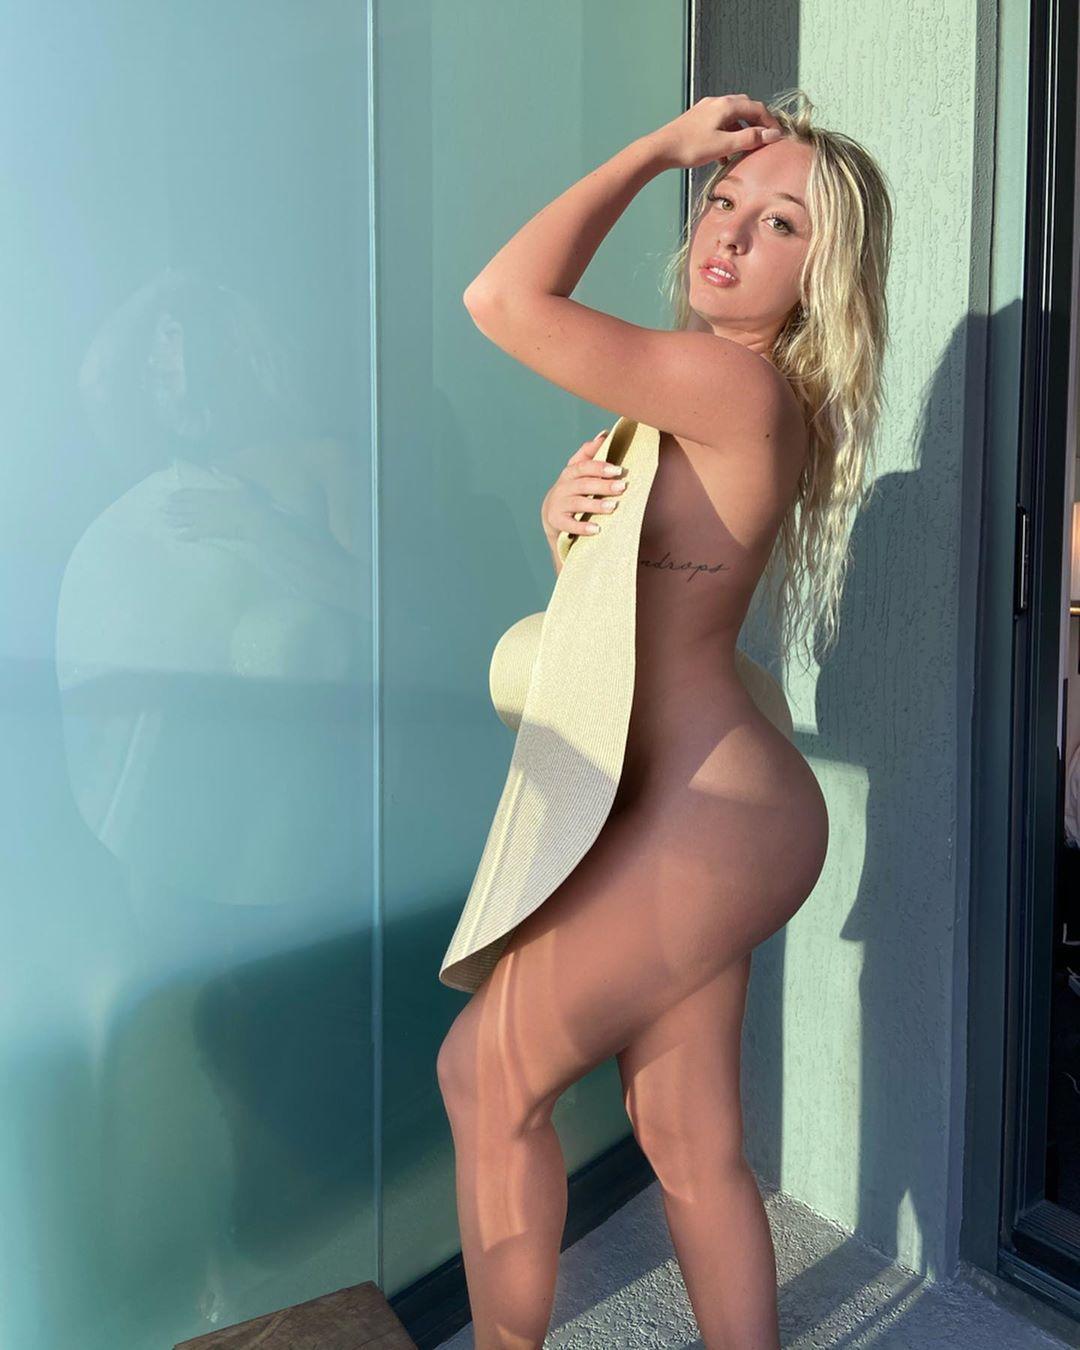 Jenni Niemaann Sexy & Topless 0086